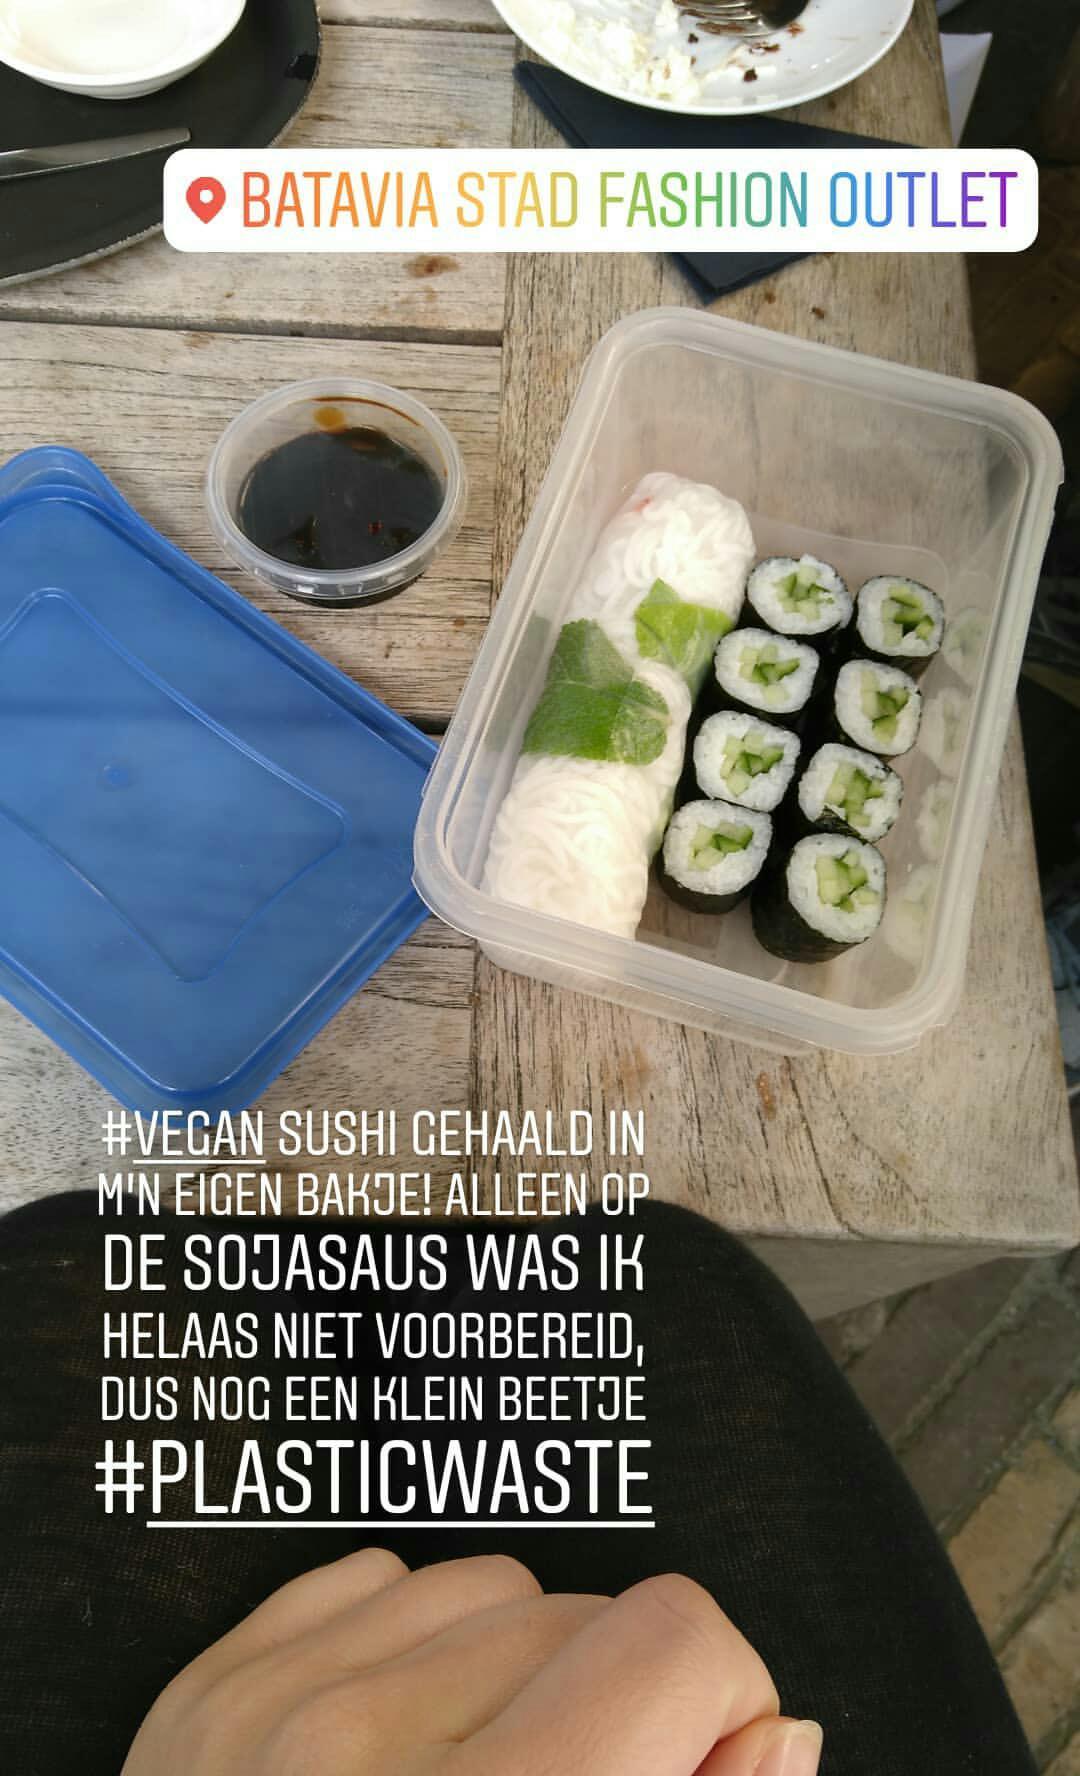 Weekoverzicht #49: Veganistische sushi in mijn eigen bakje opgehaald!